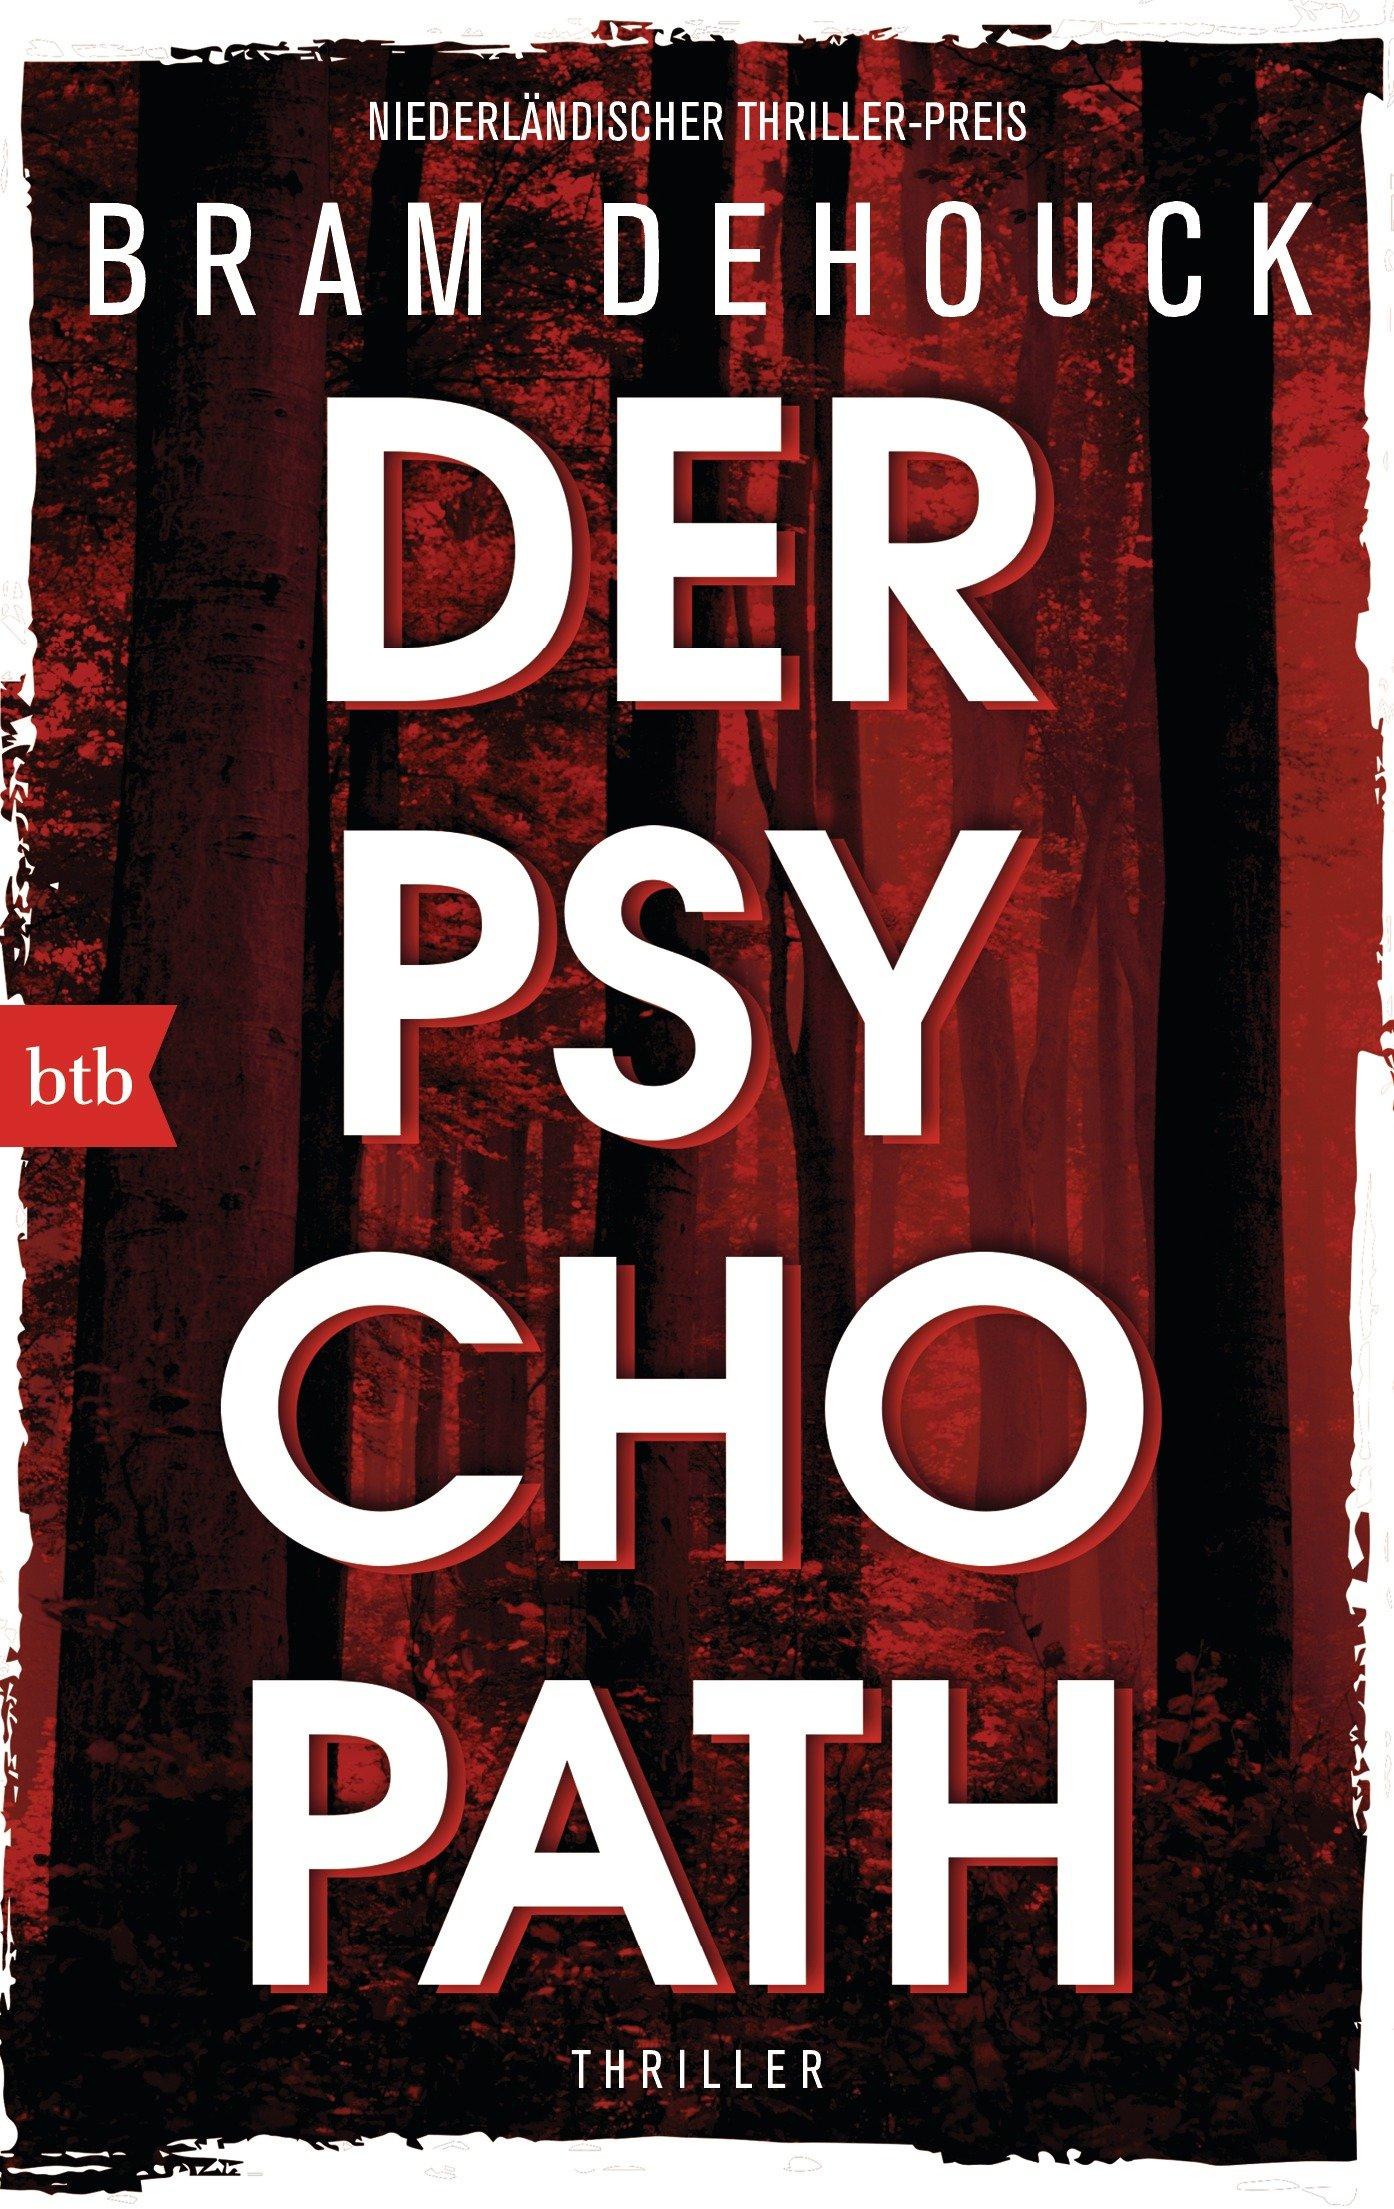 Der Psychopath von Bram Dehouck